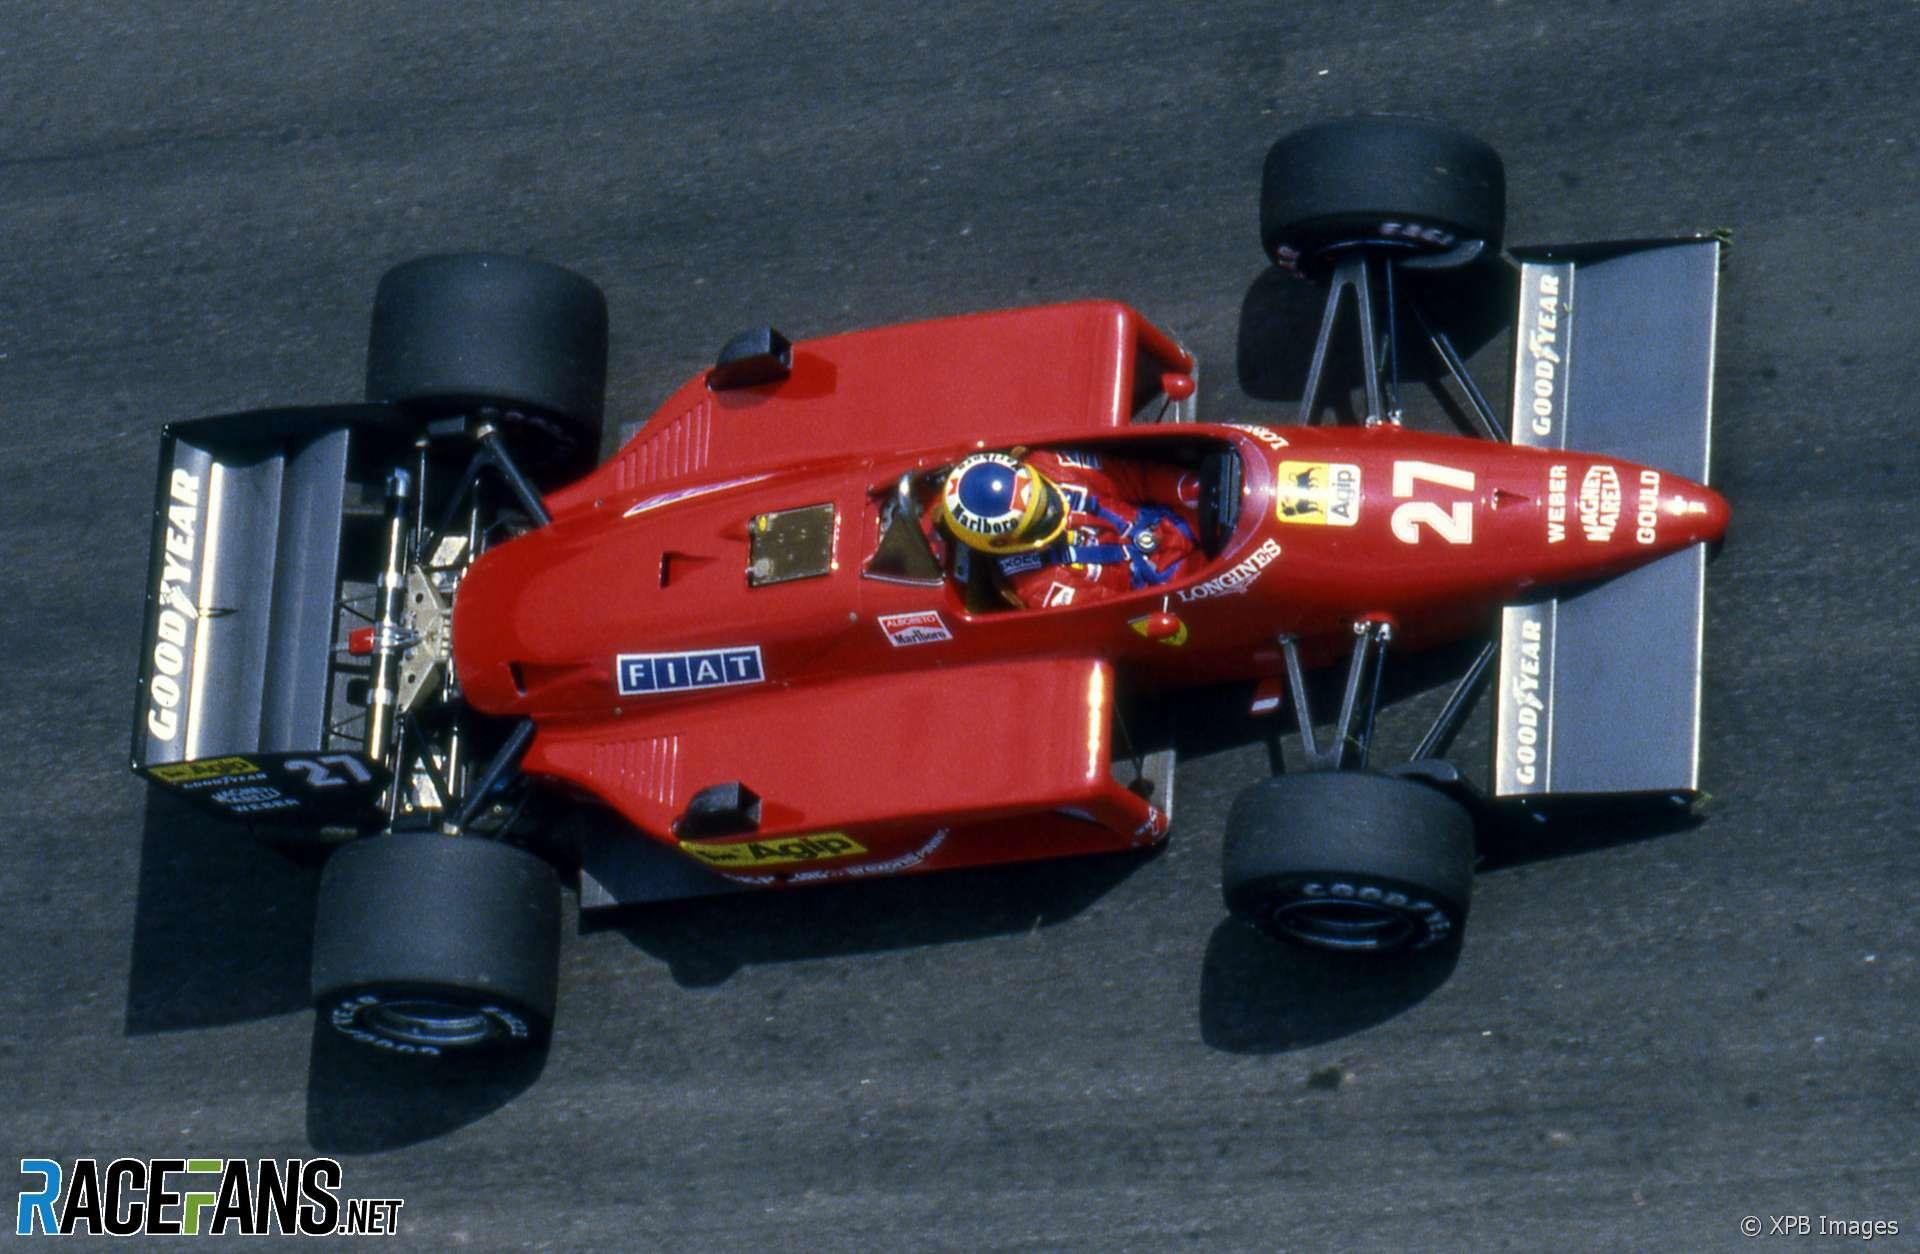 Michele Alboreto, Ferrari, Jacarepagua, 1985